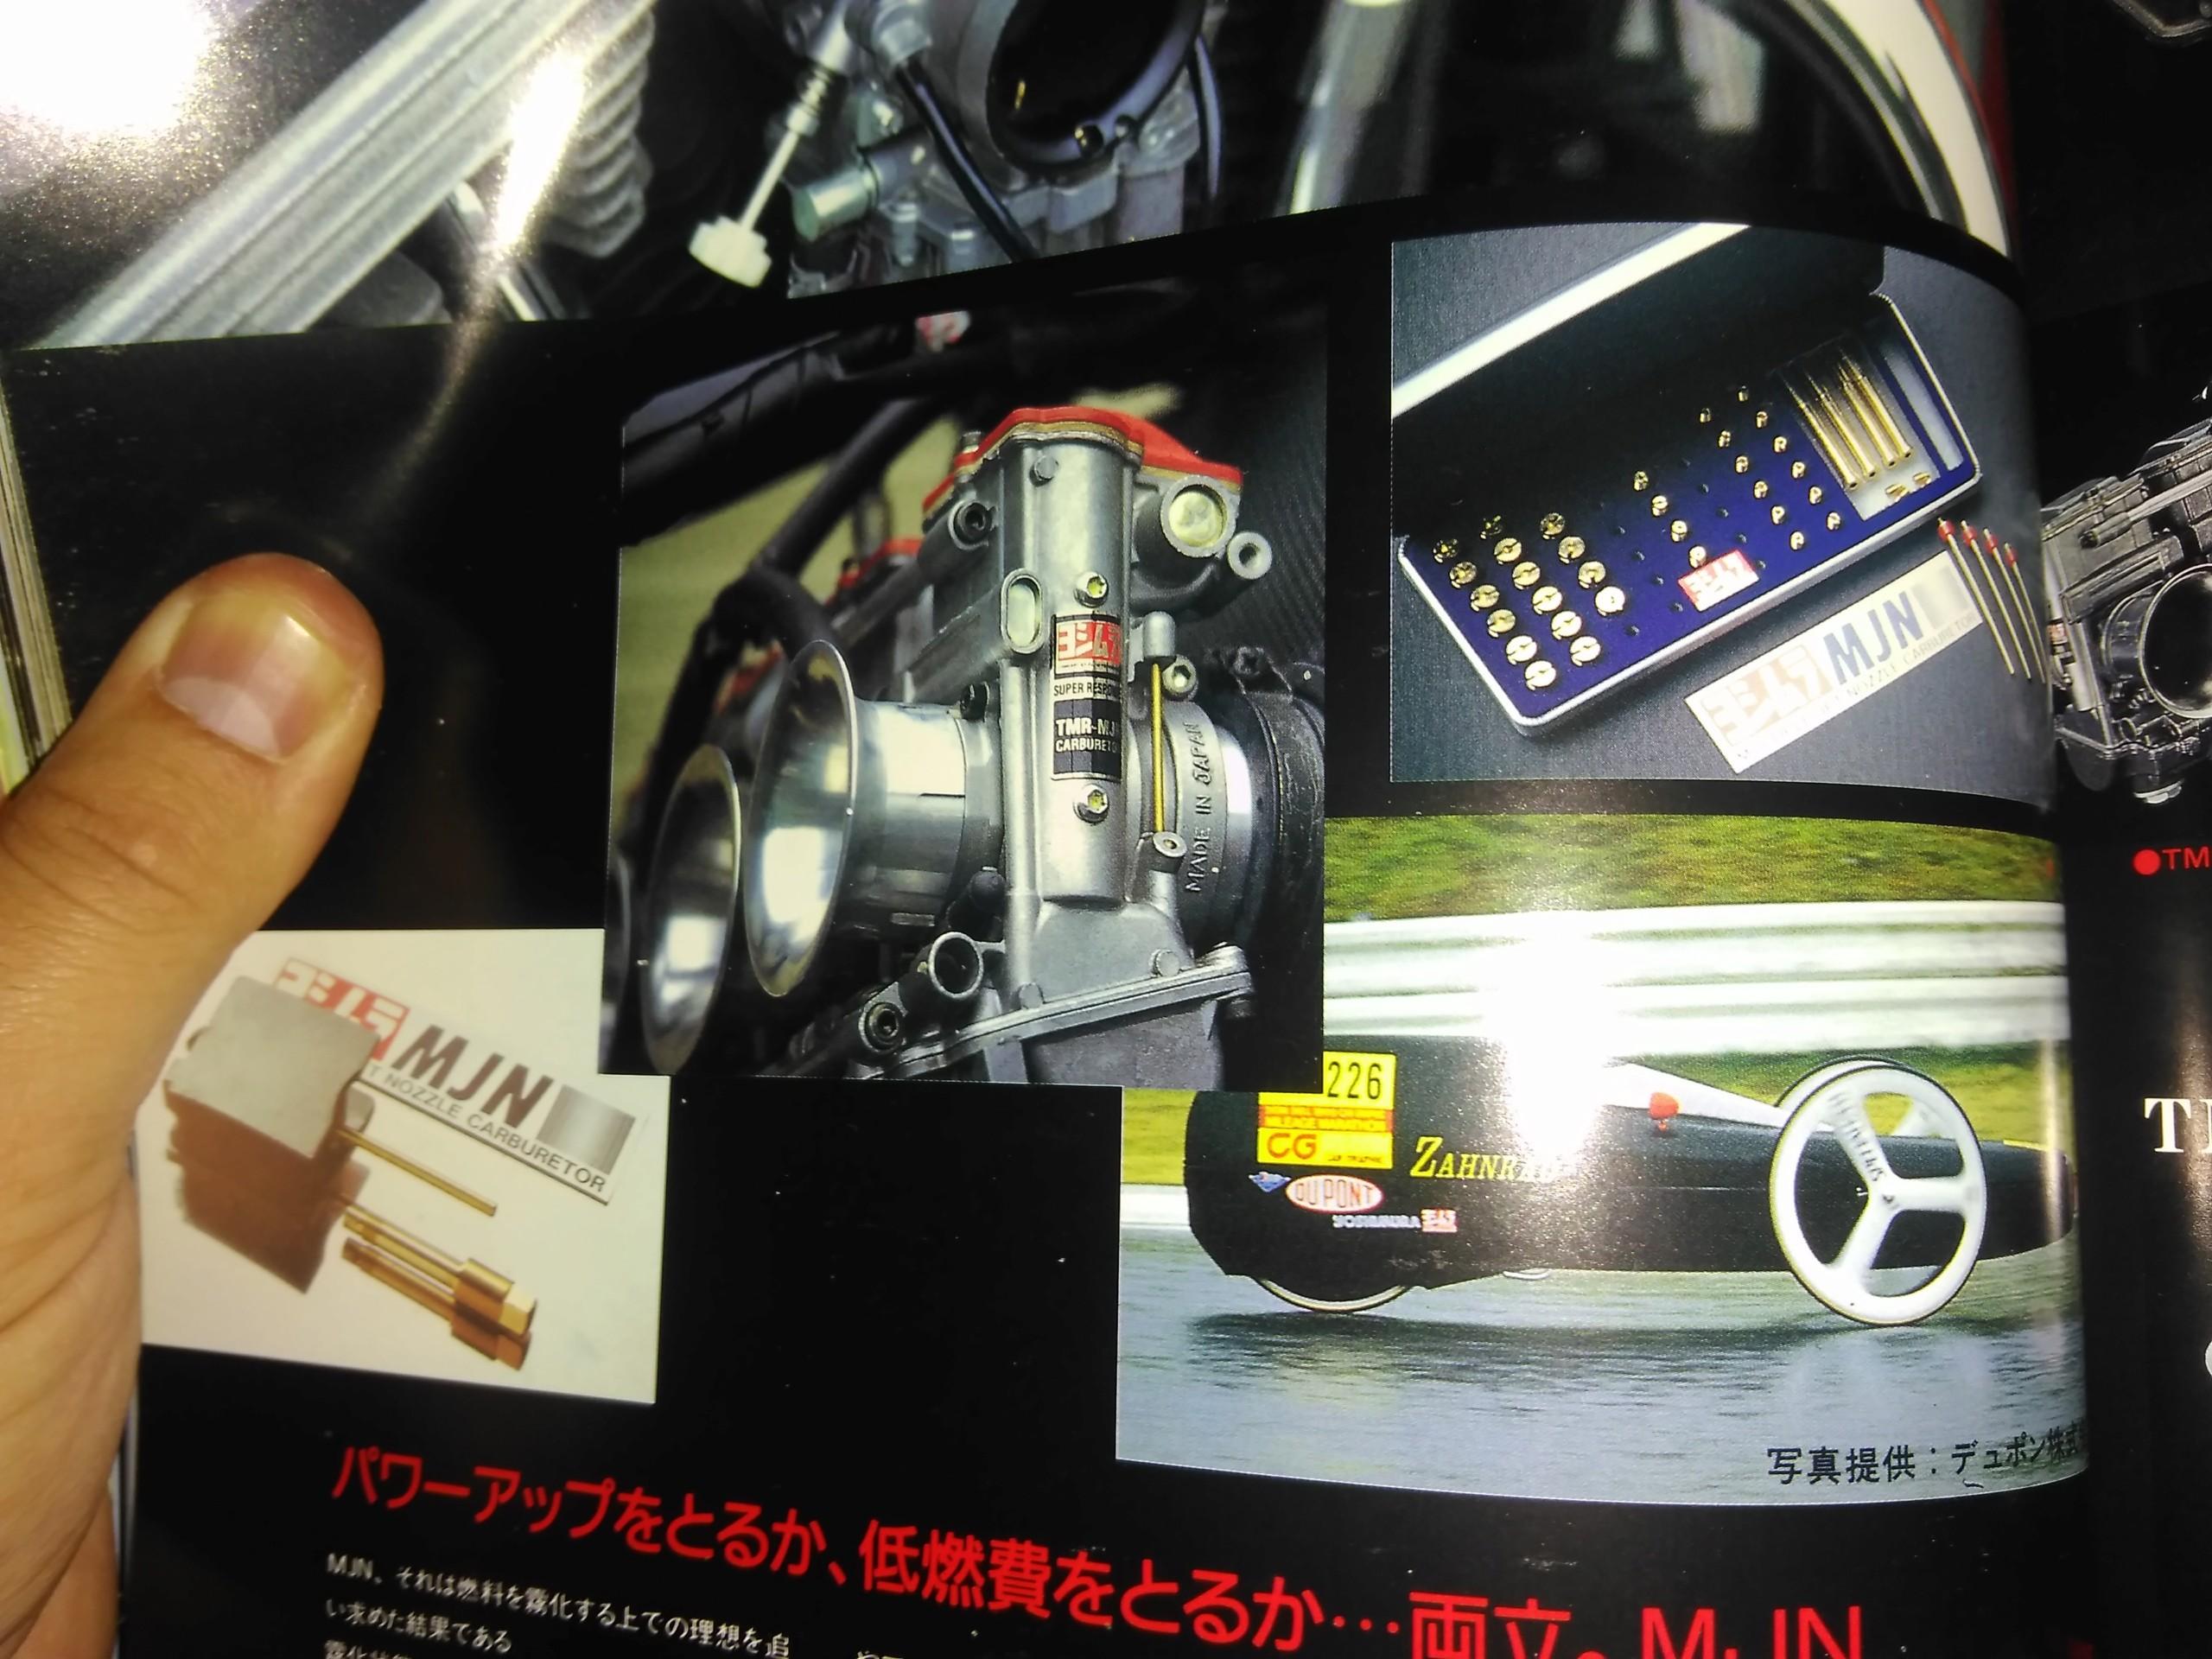 ATENCION, porno duro: Catalogo de chuches Yoshimura 93-95 Img_2018